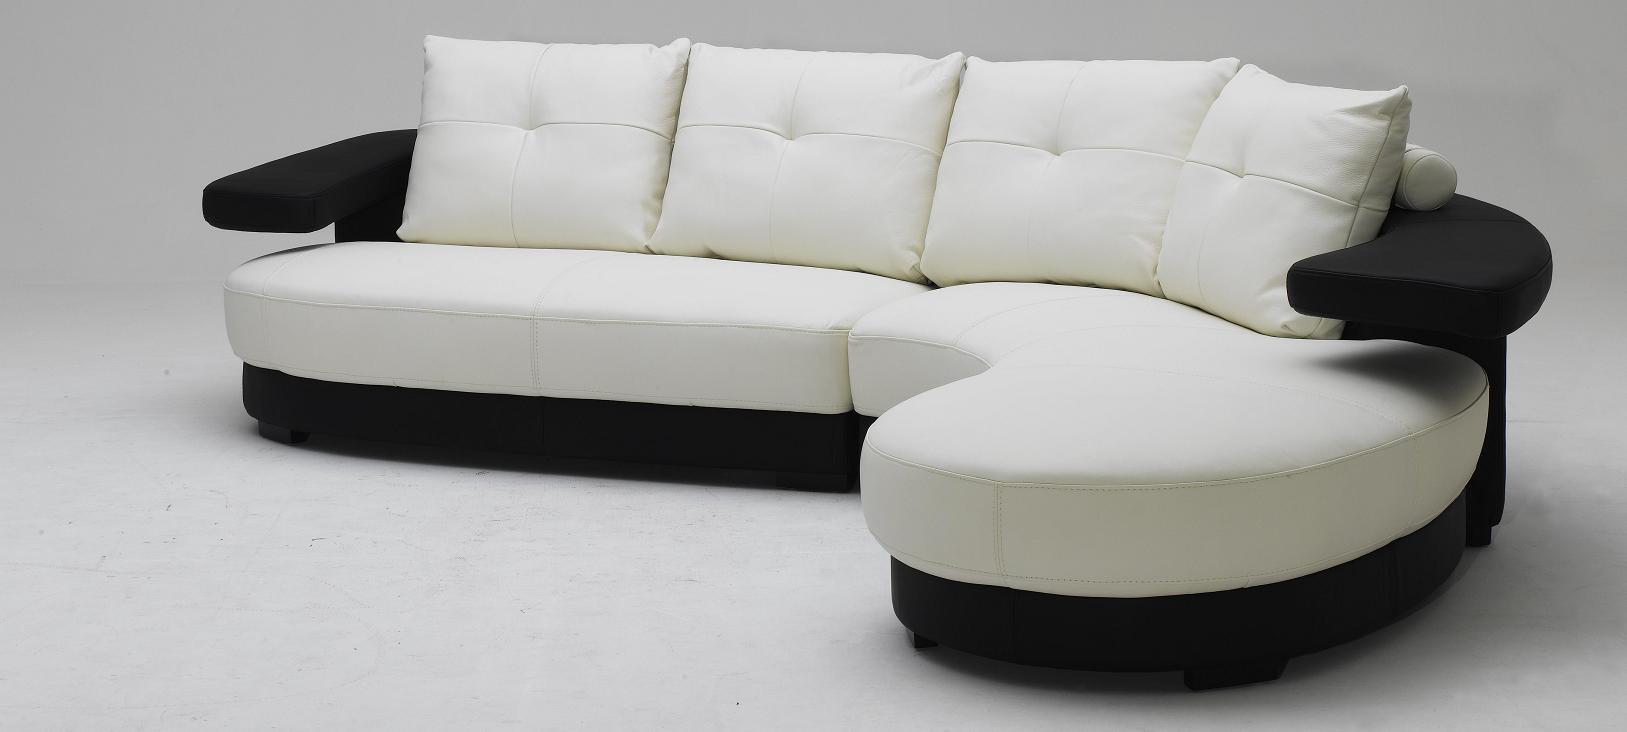 Black Design Co: KK899 Black And White Ultra Modern Sectional Sofa